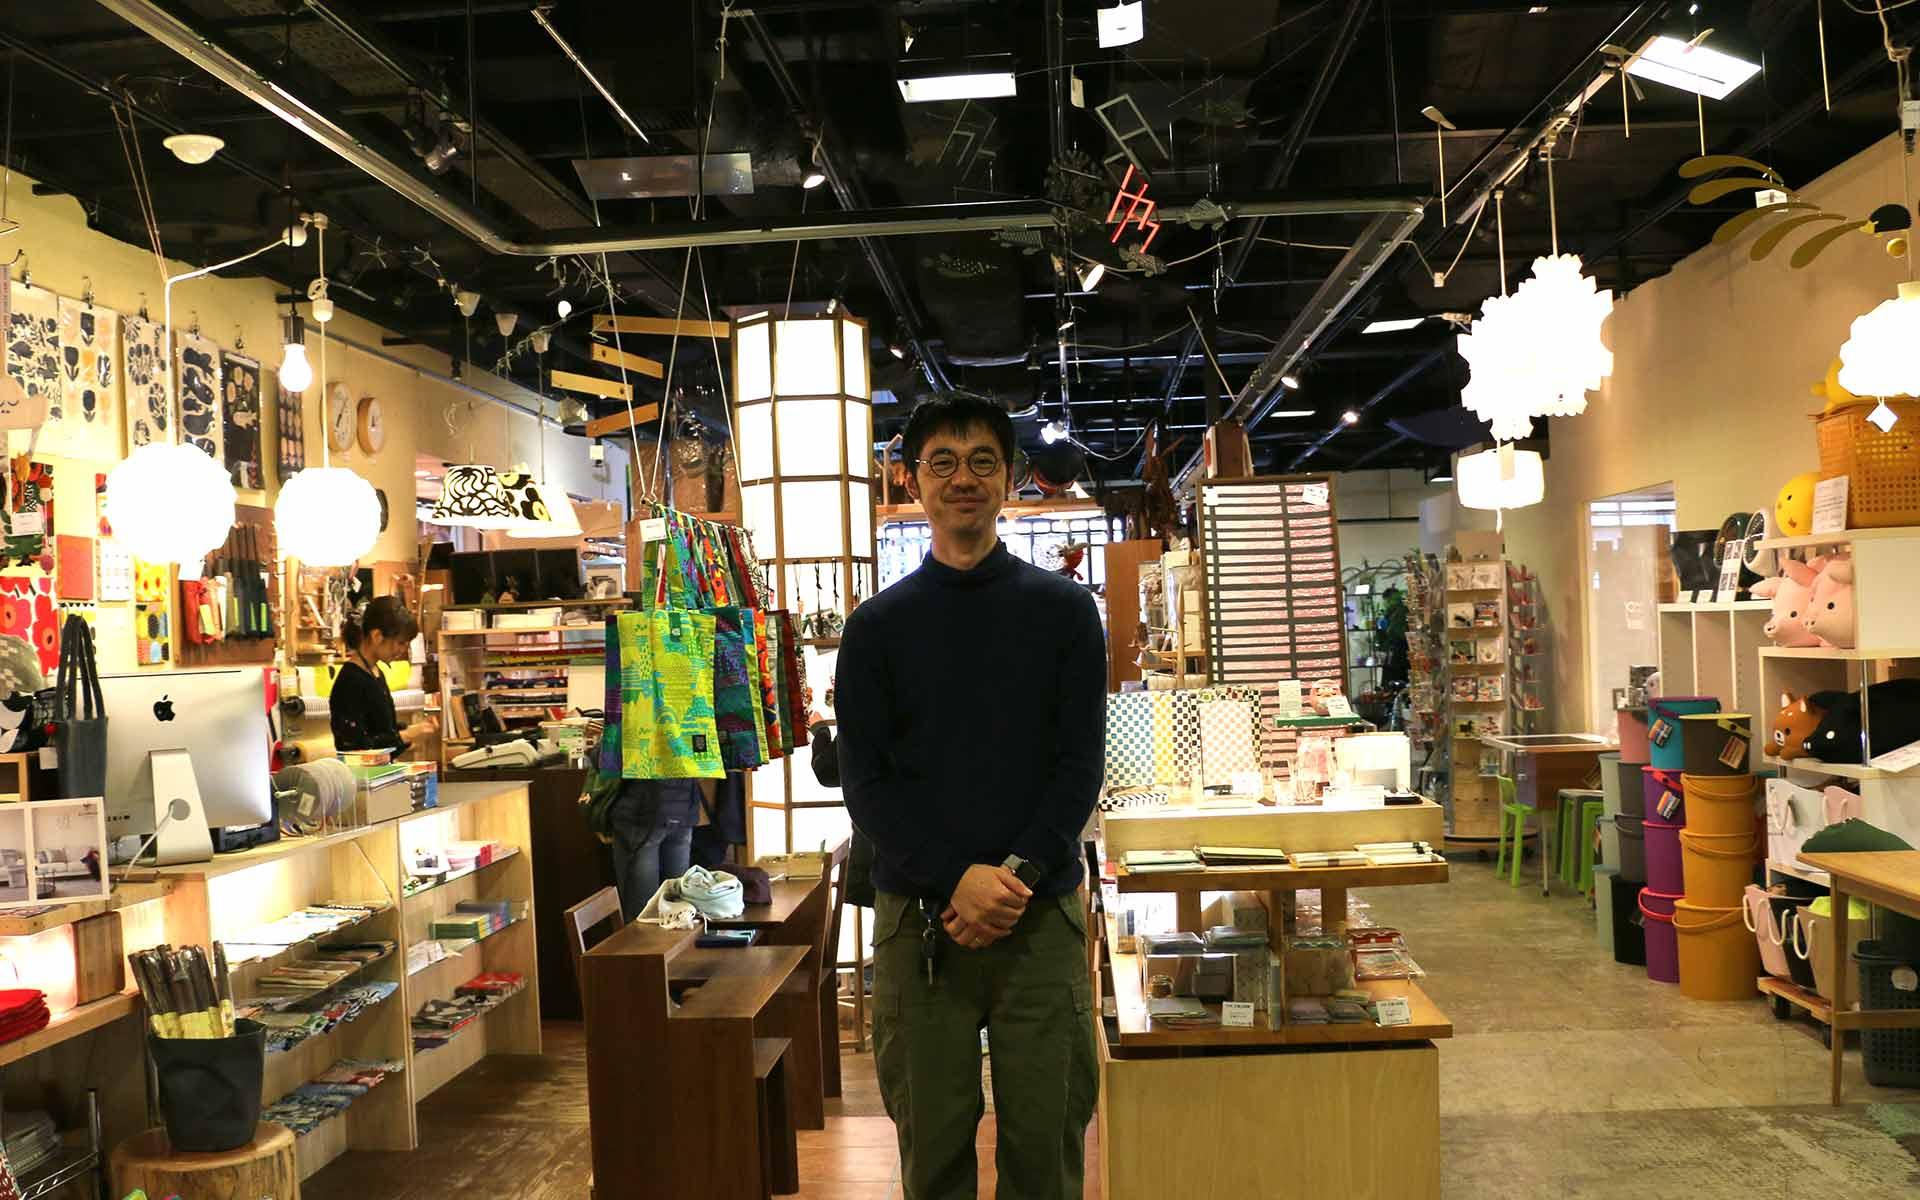 昨日の記事でも登場してくださった大澤寛さん。CHILLING STYLE店内にて